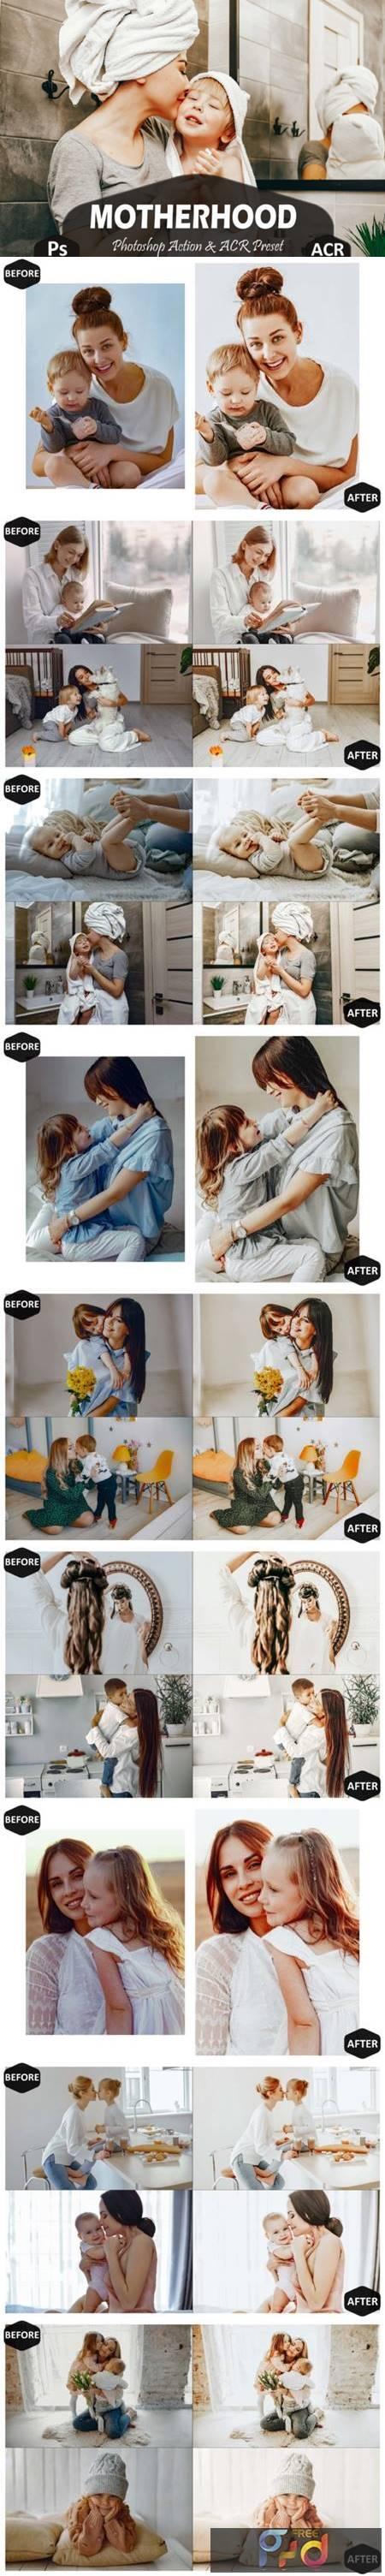 10 Motherhood Photoshop Actions 5919385 1